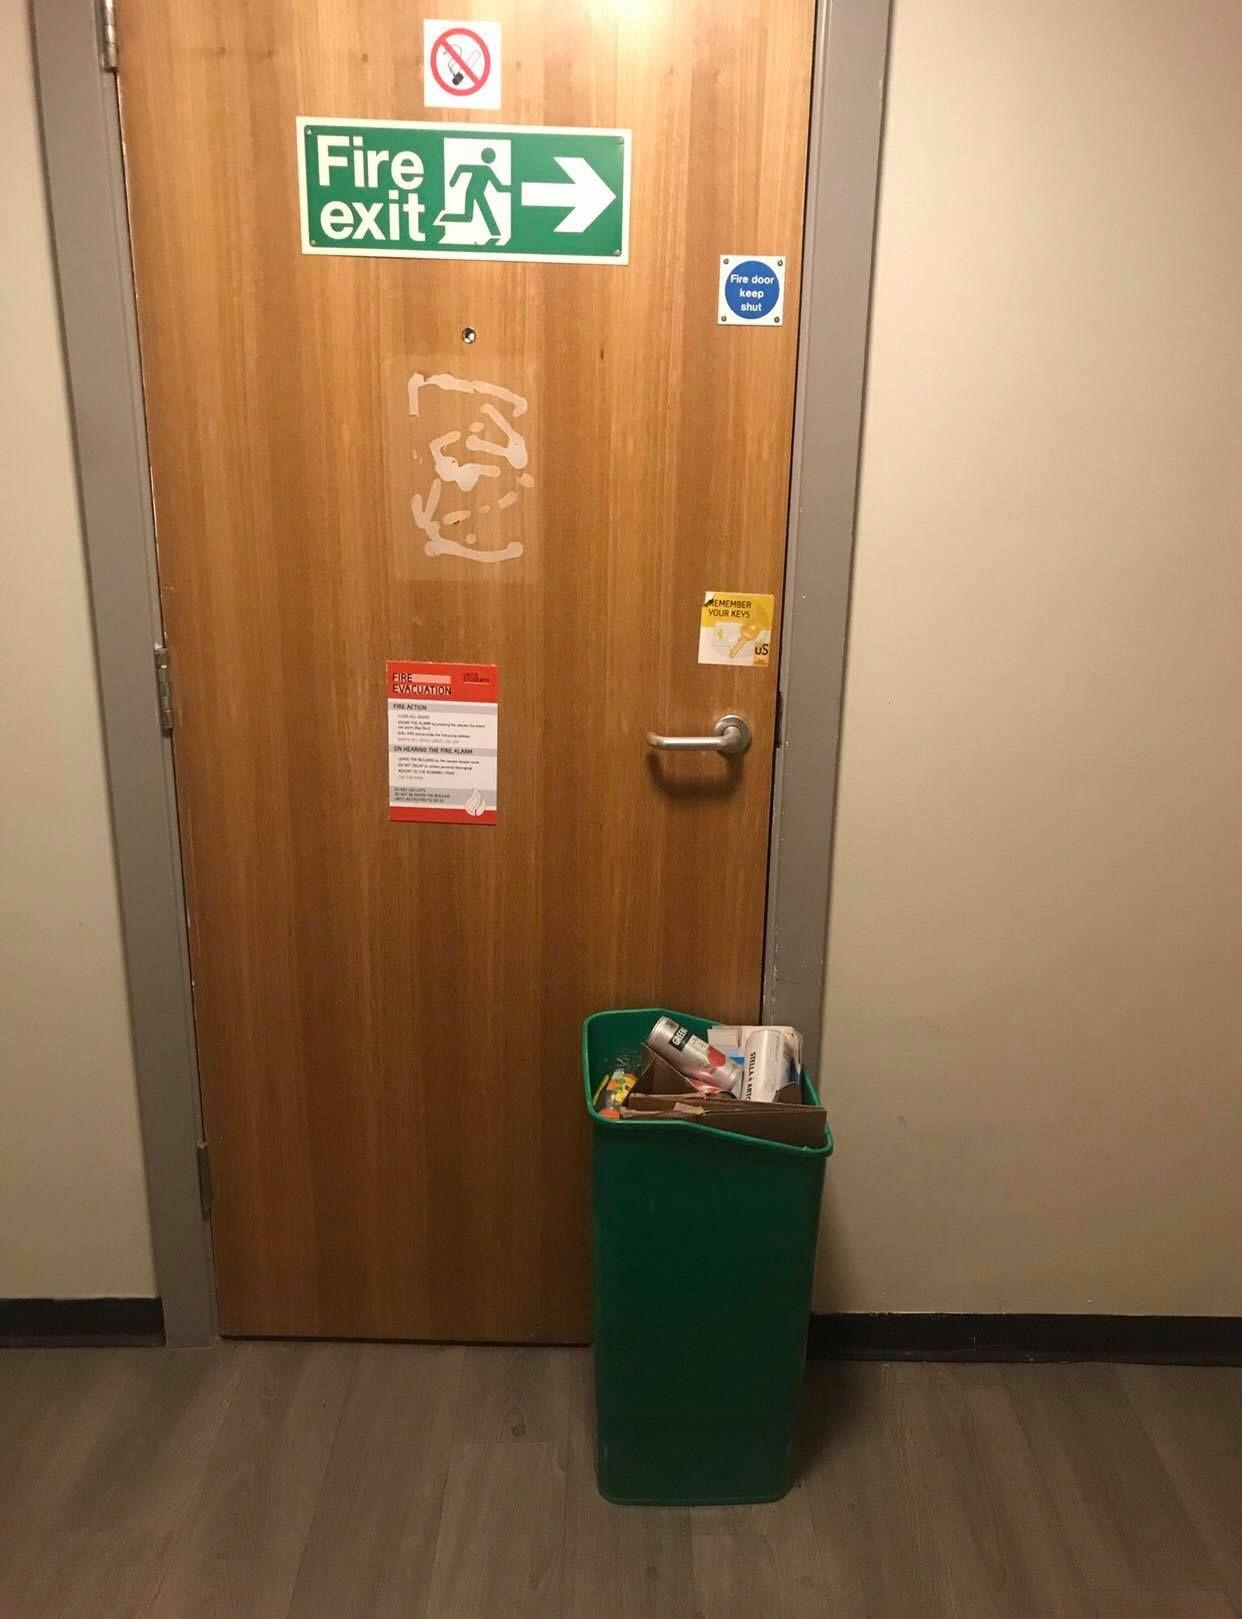 Image may contain: Wood, Flooring, Elevator, Floor, Door